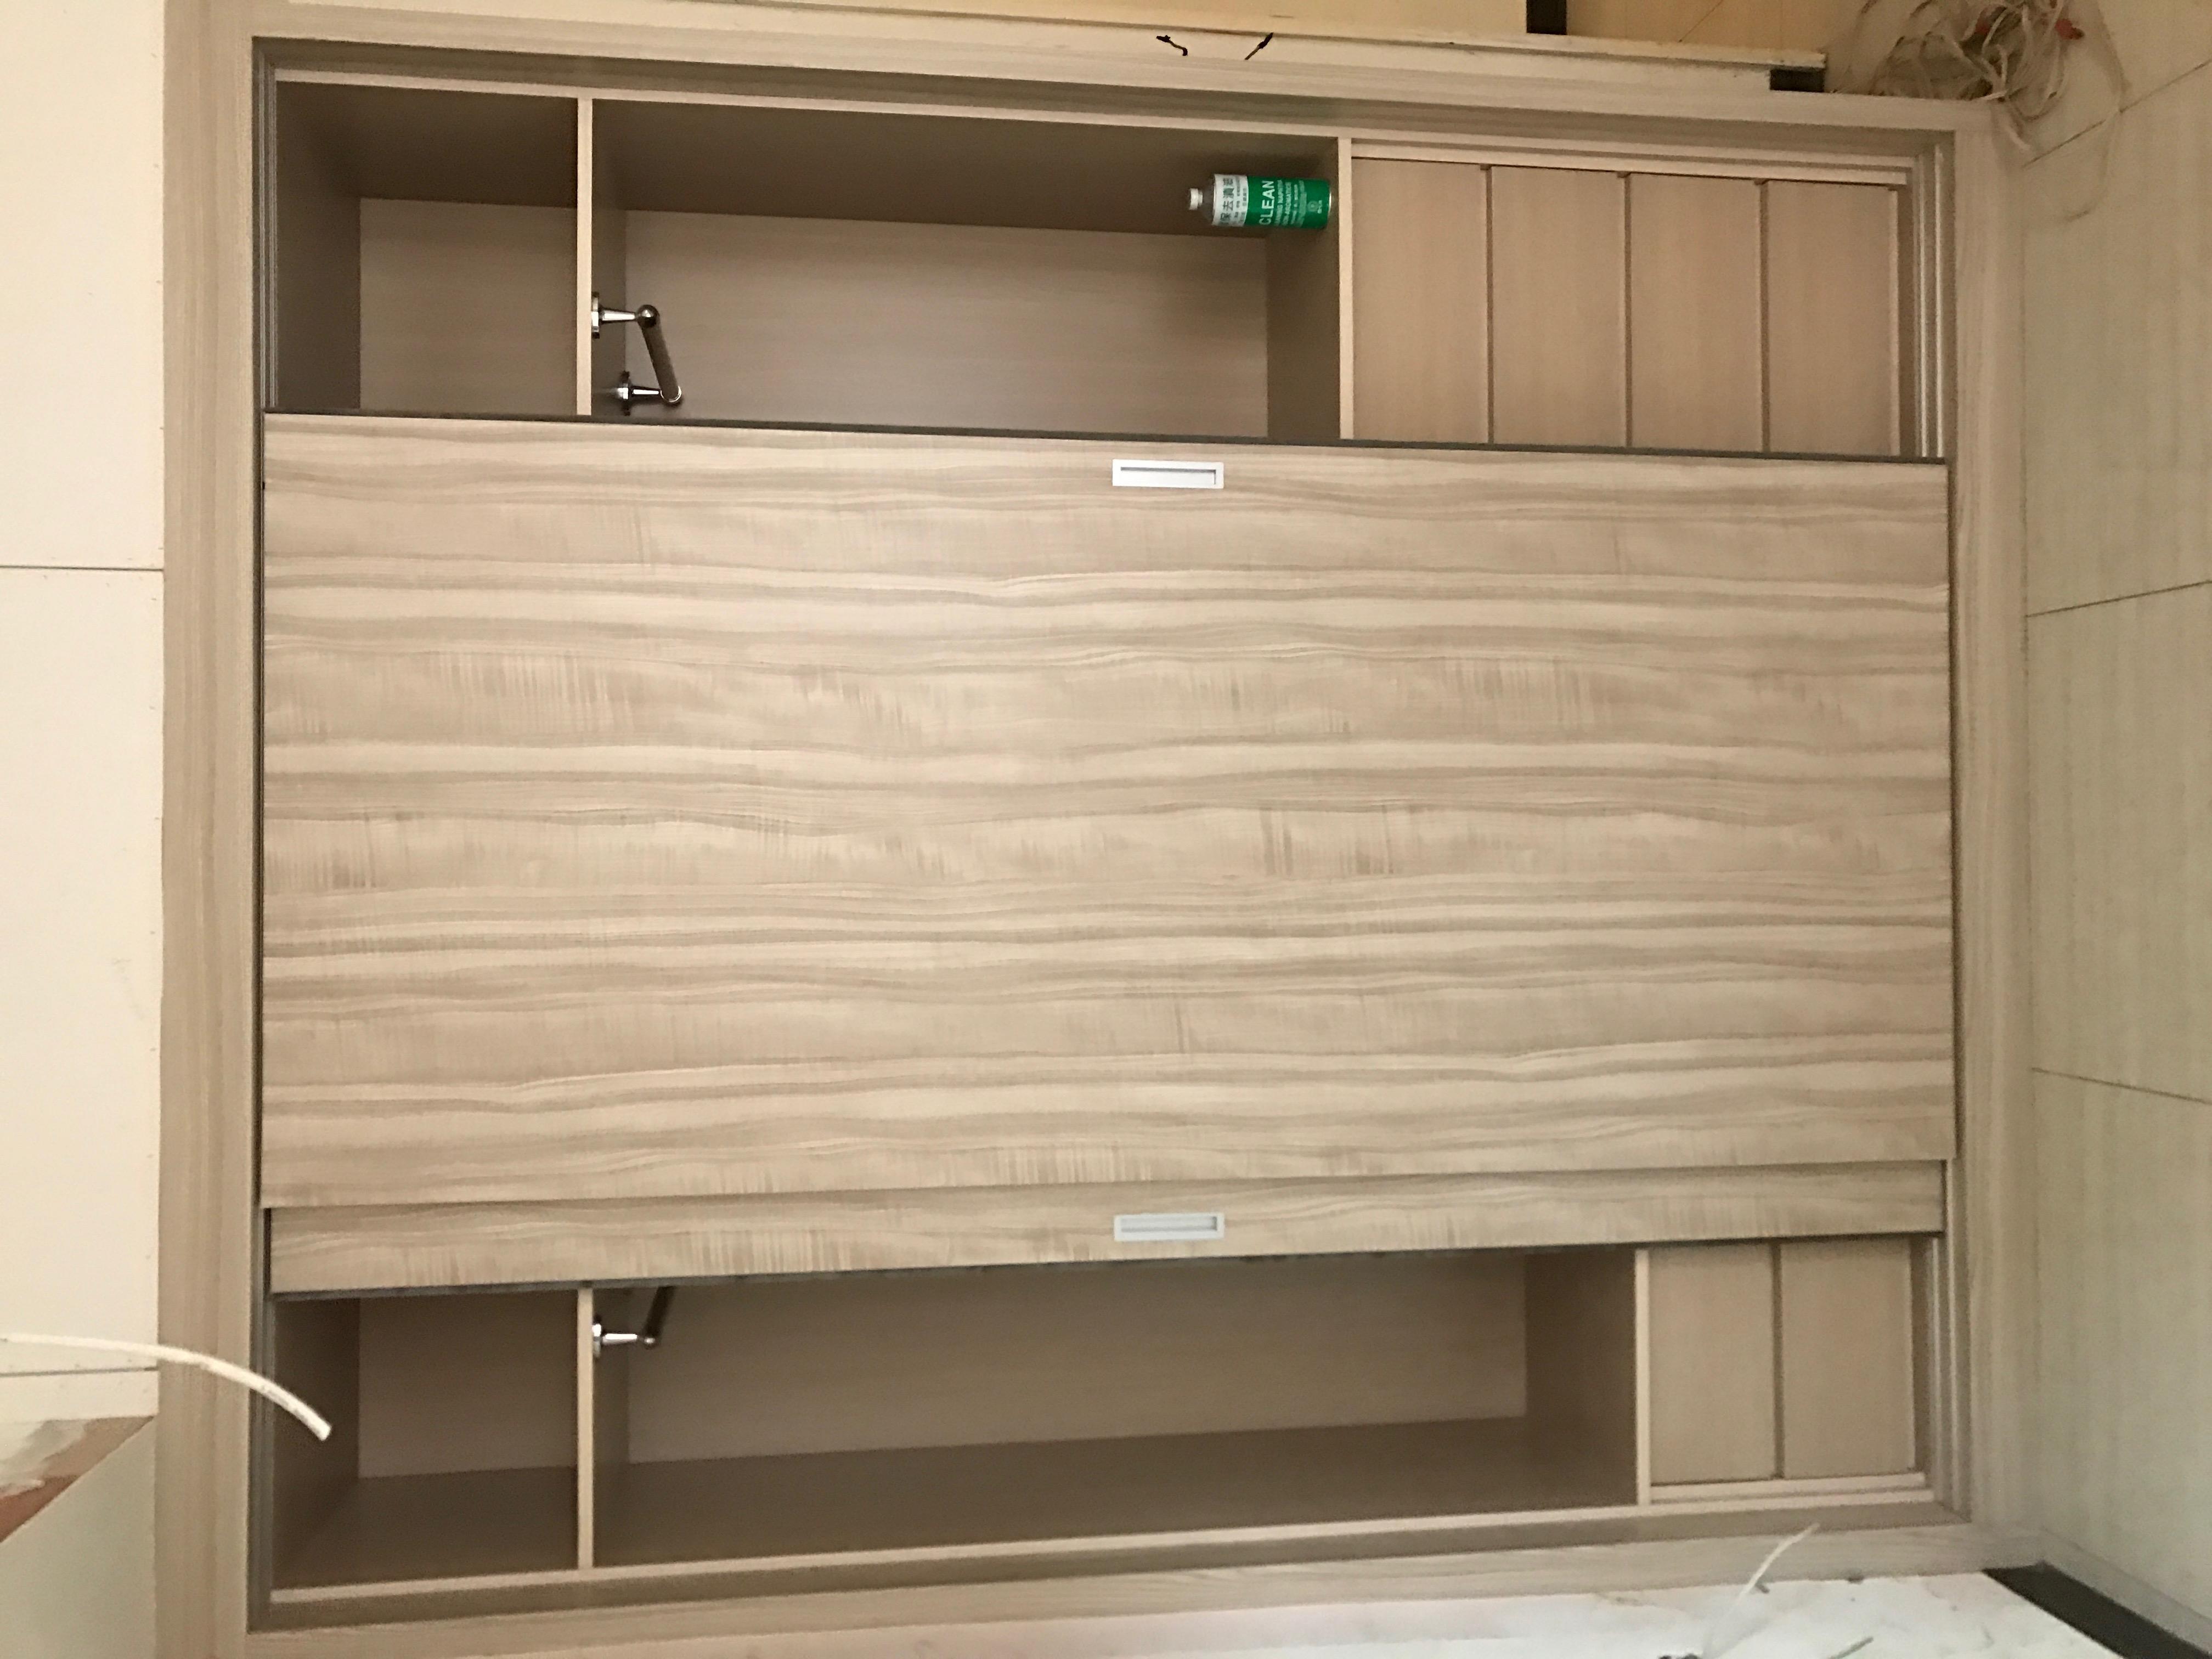 台北市住家室內裝潢衣櫃系統櫃木工 (5)